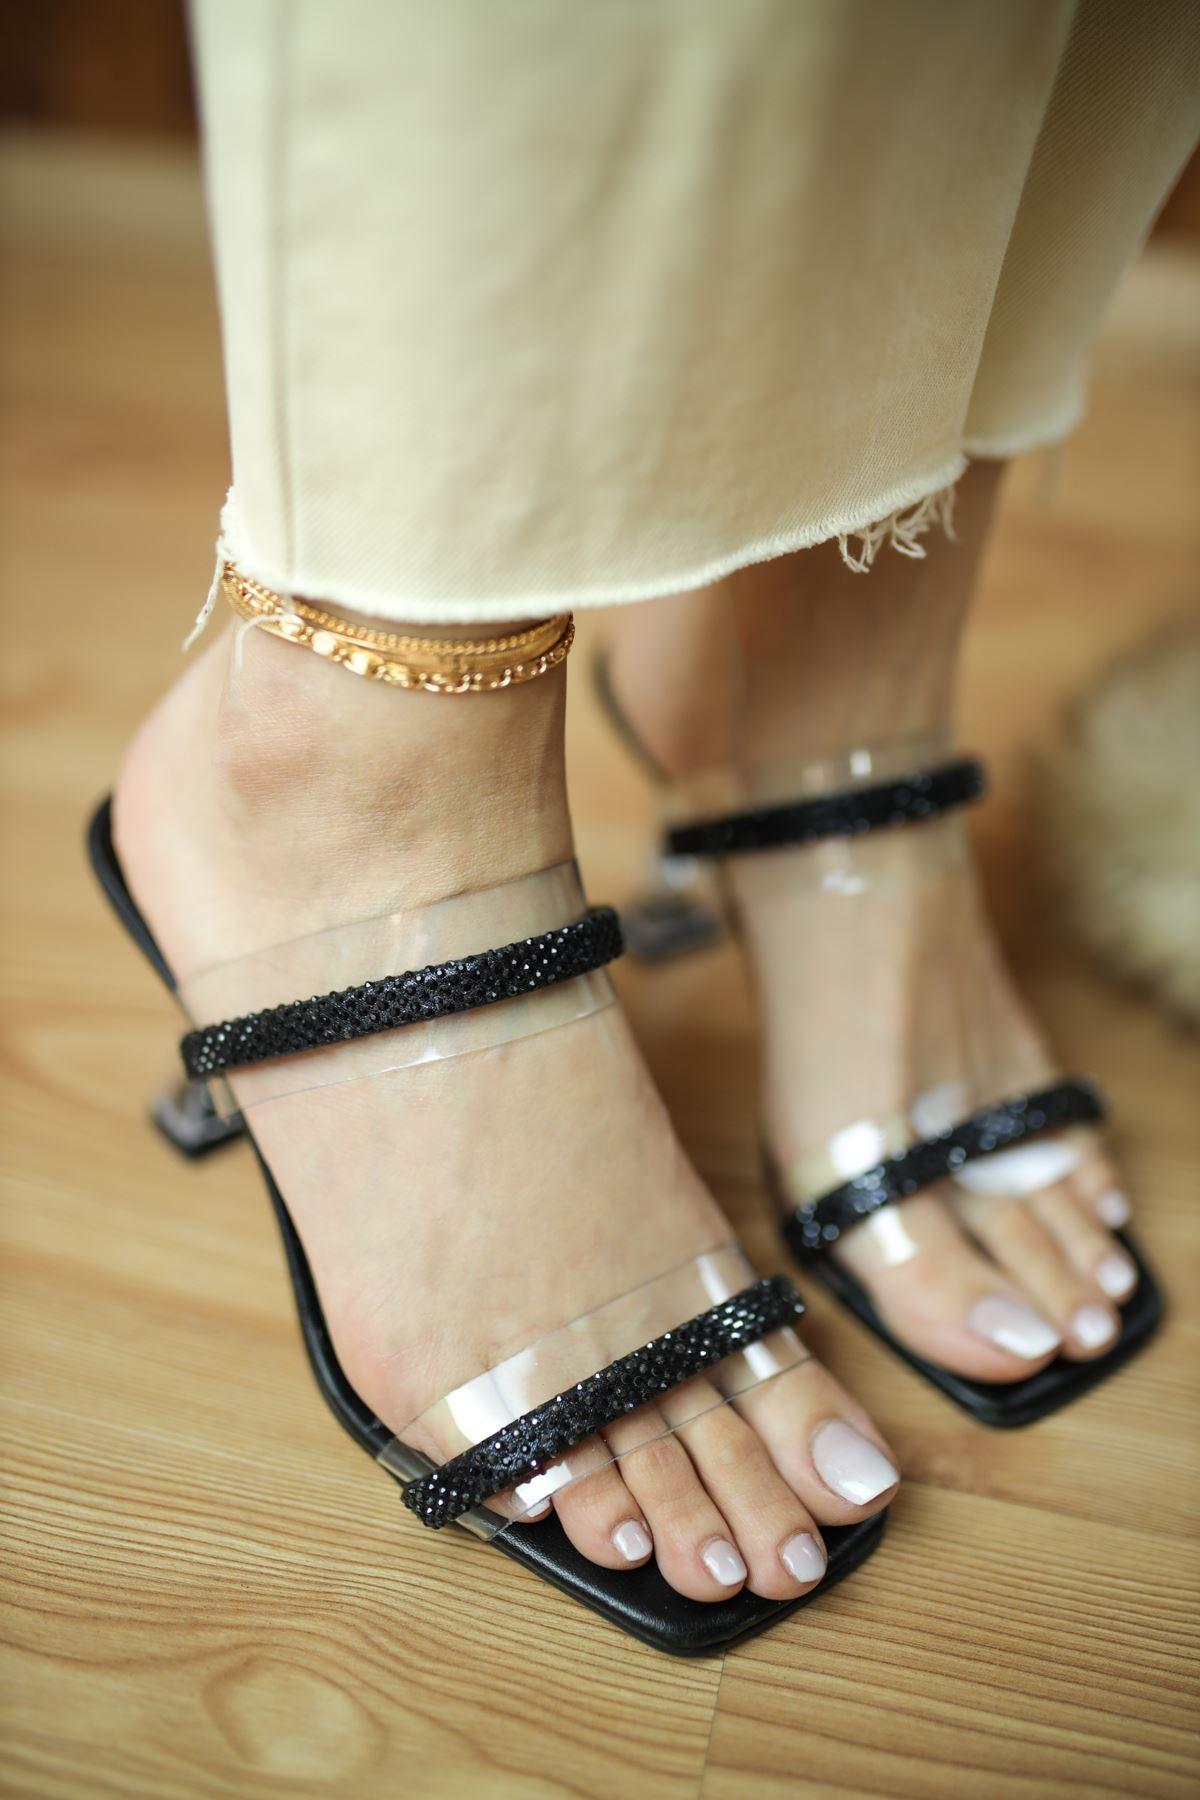 Martin Siyah Mat Deri Taşlı Şeffaf Kadın Topuklu Ayakkabı